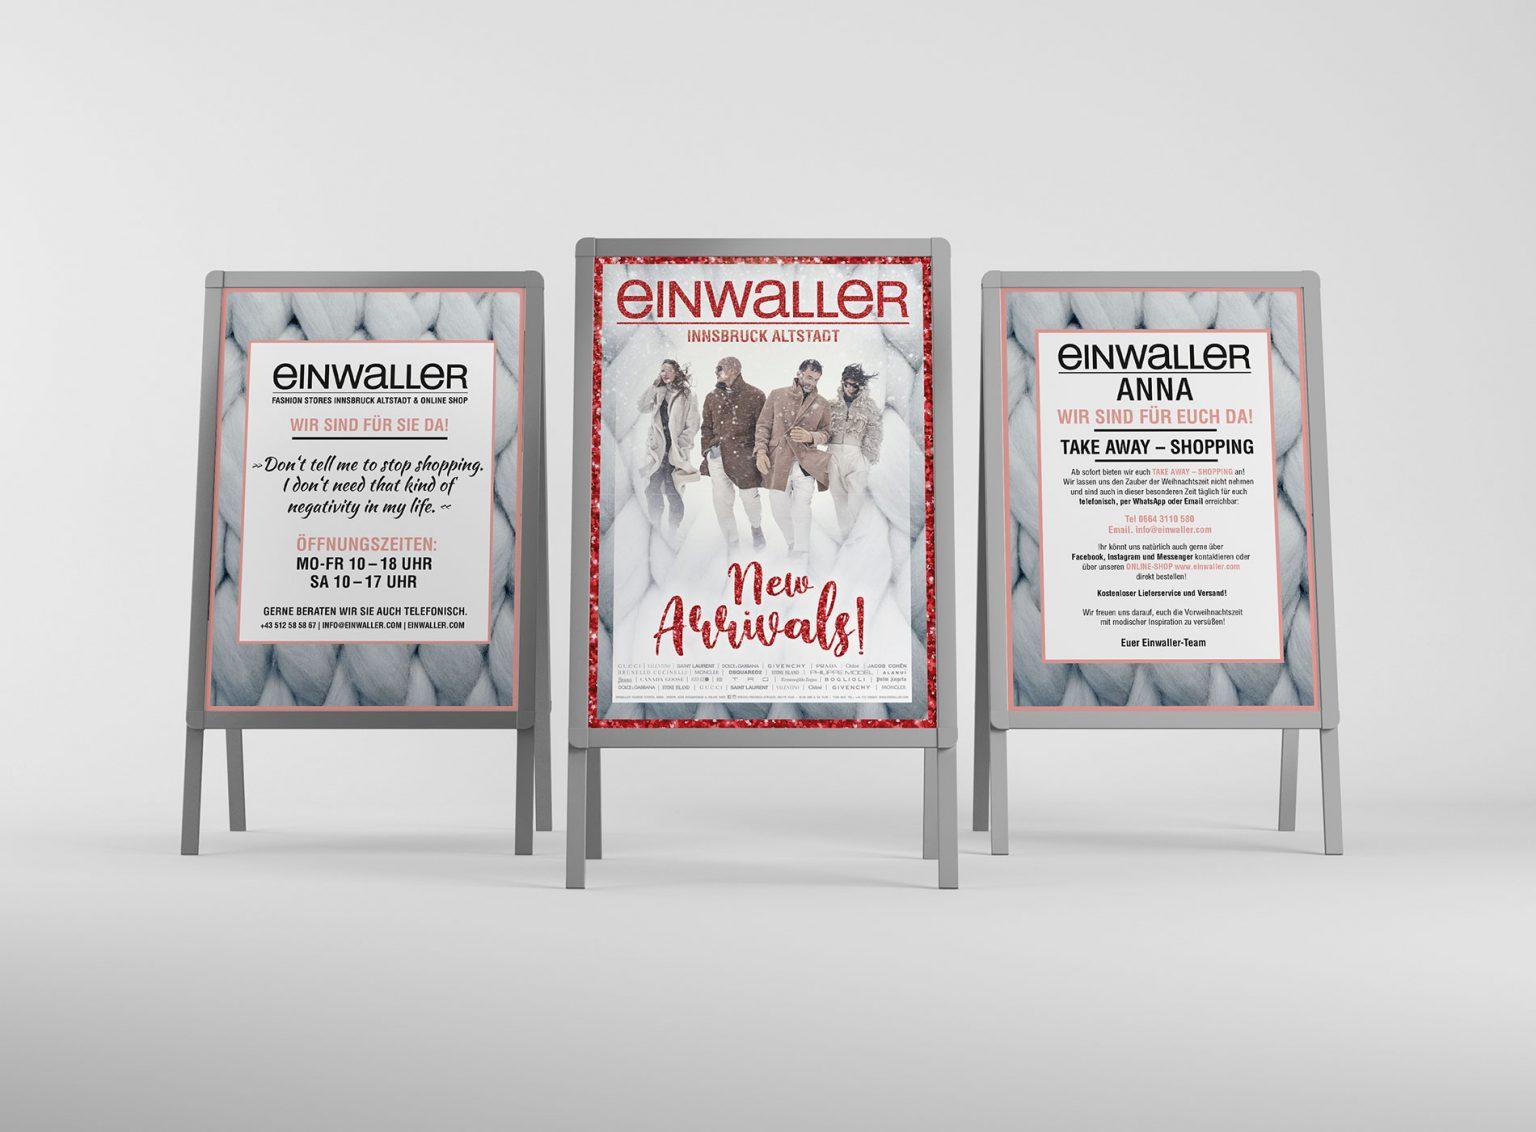 Einwaller - AStänder - EVITA Marketing